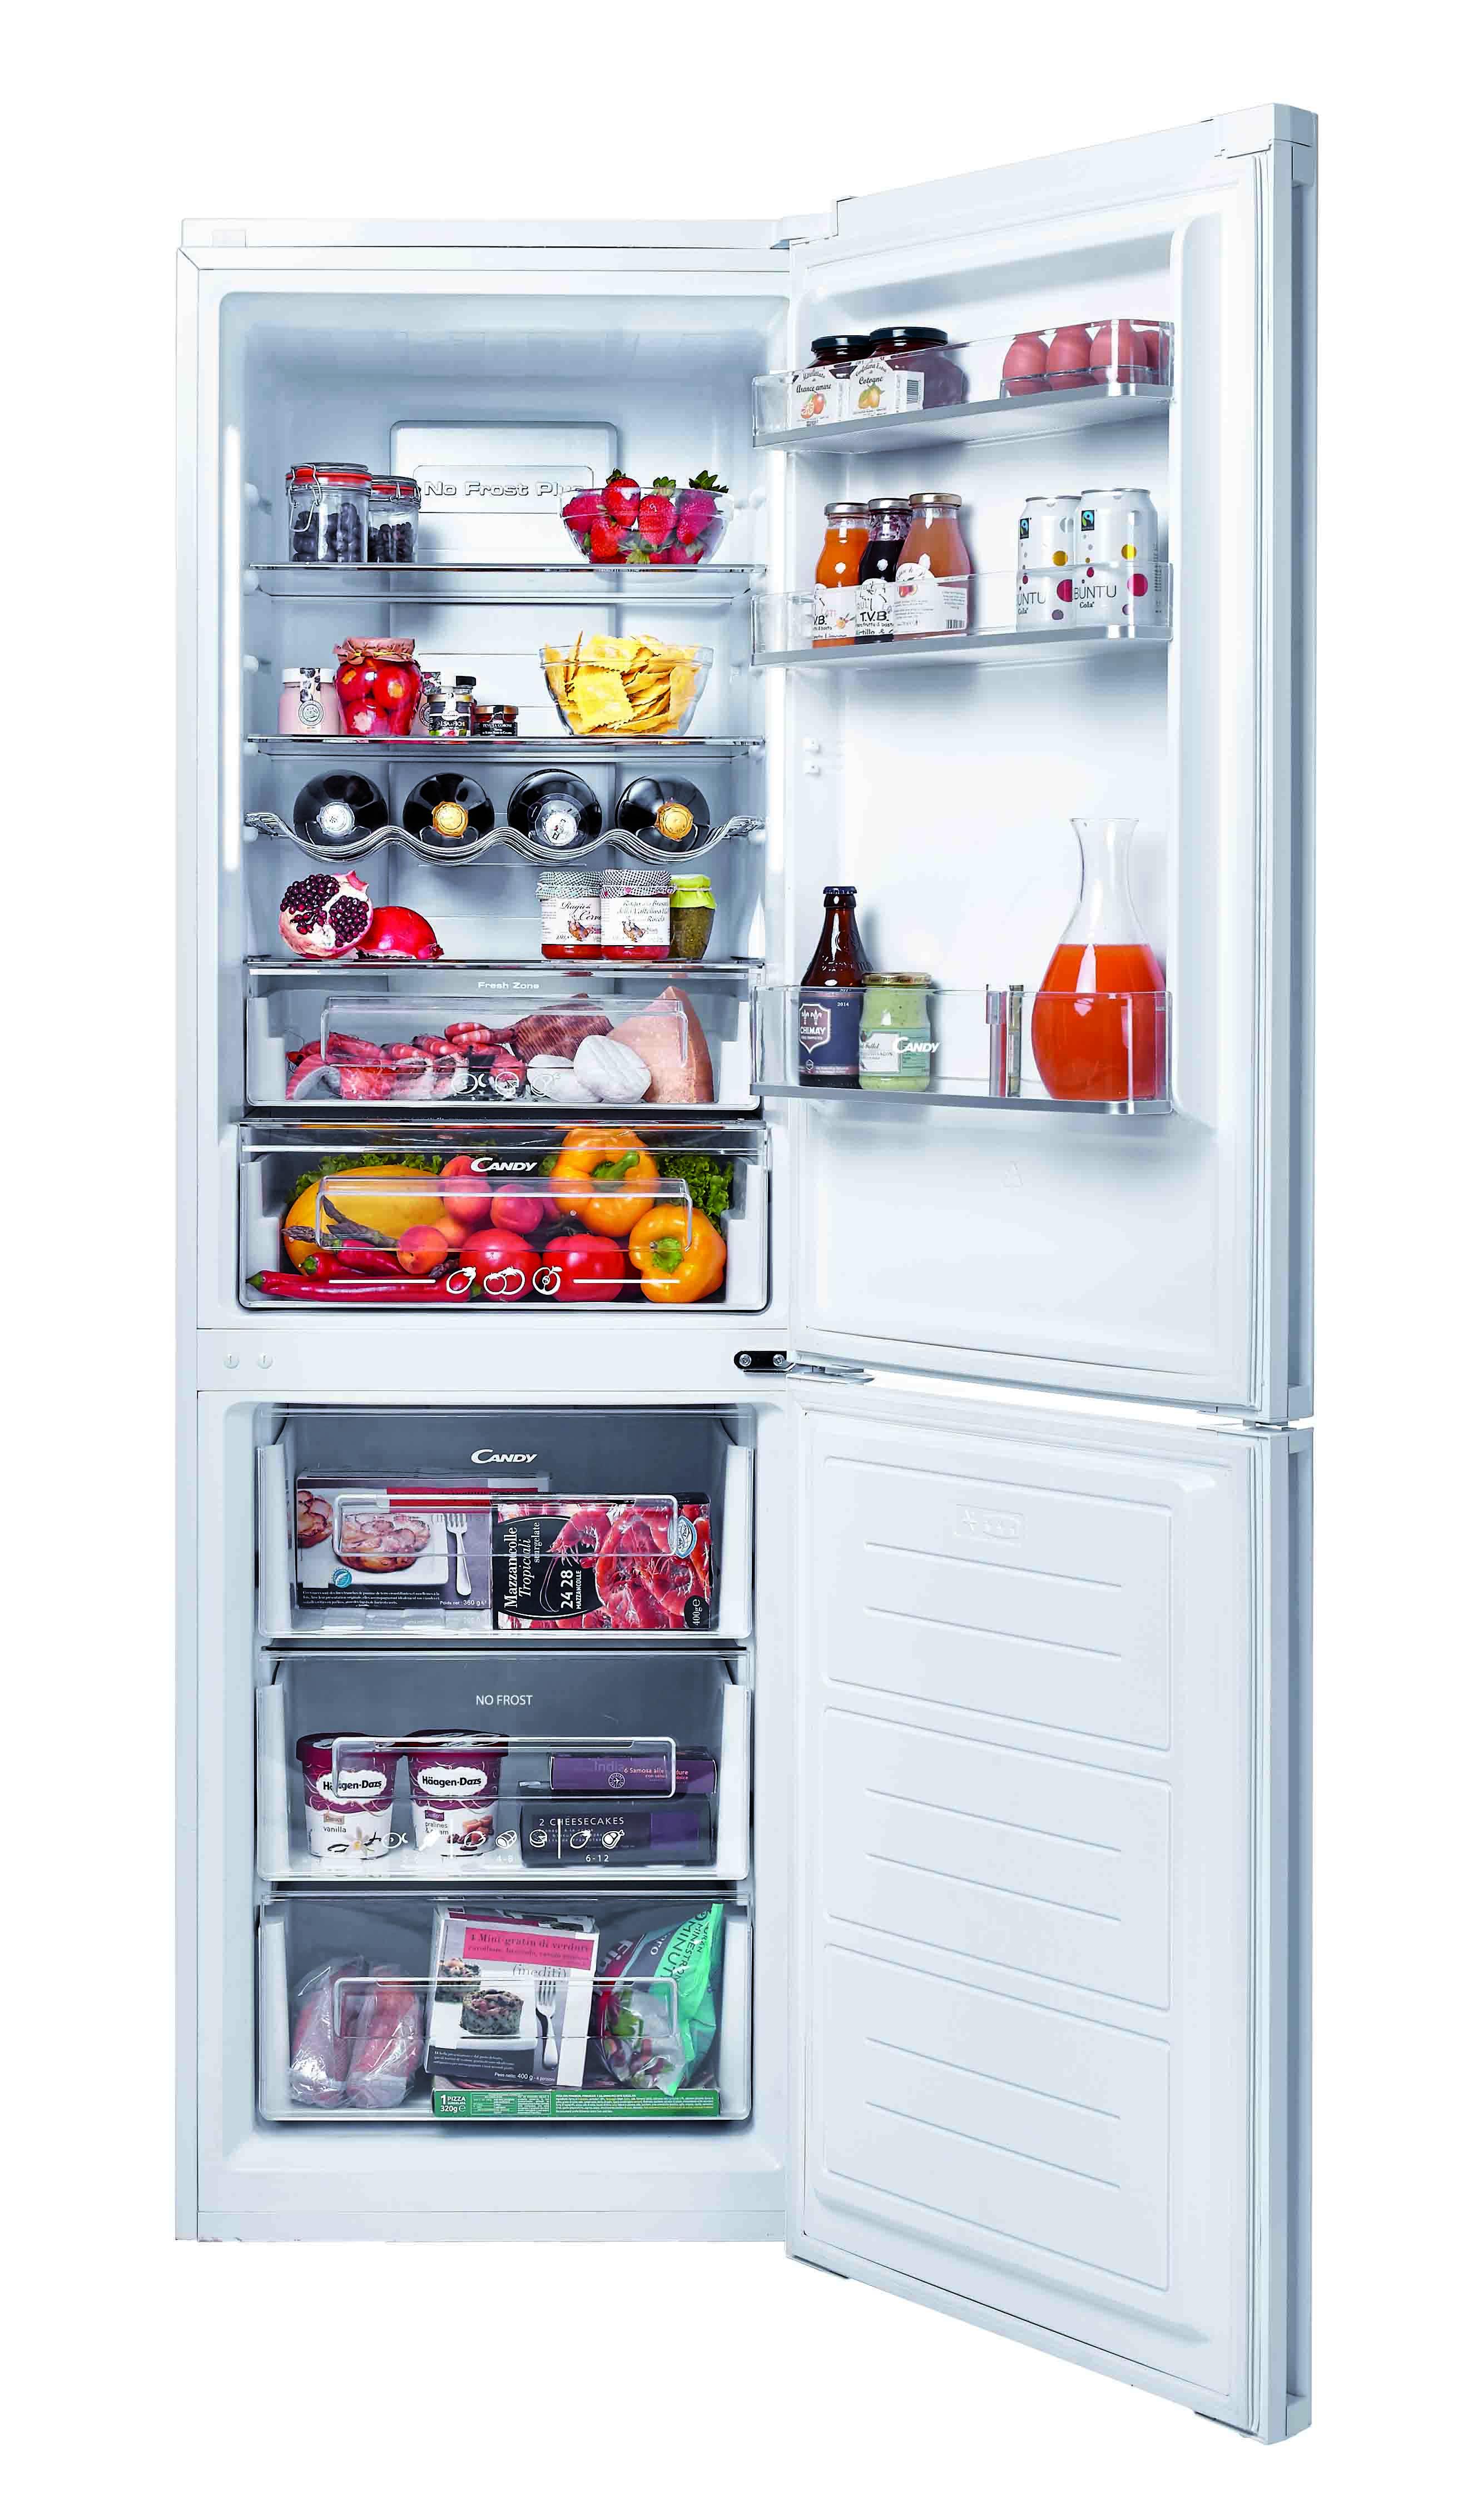 Uncategorized Candy Kitchen Appliances candy presents the new suite refrigerators home appliances krio open